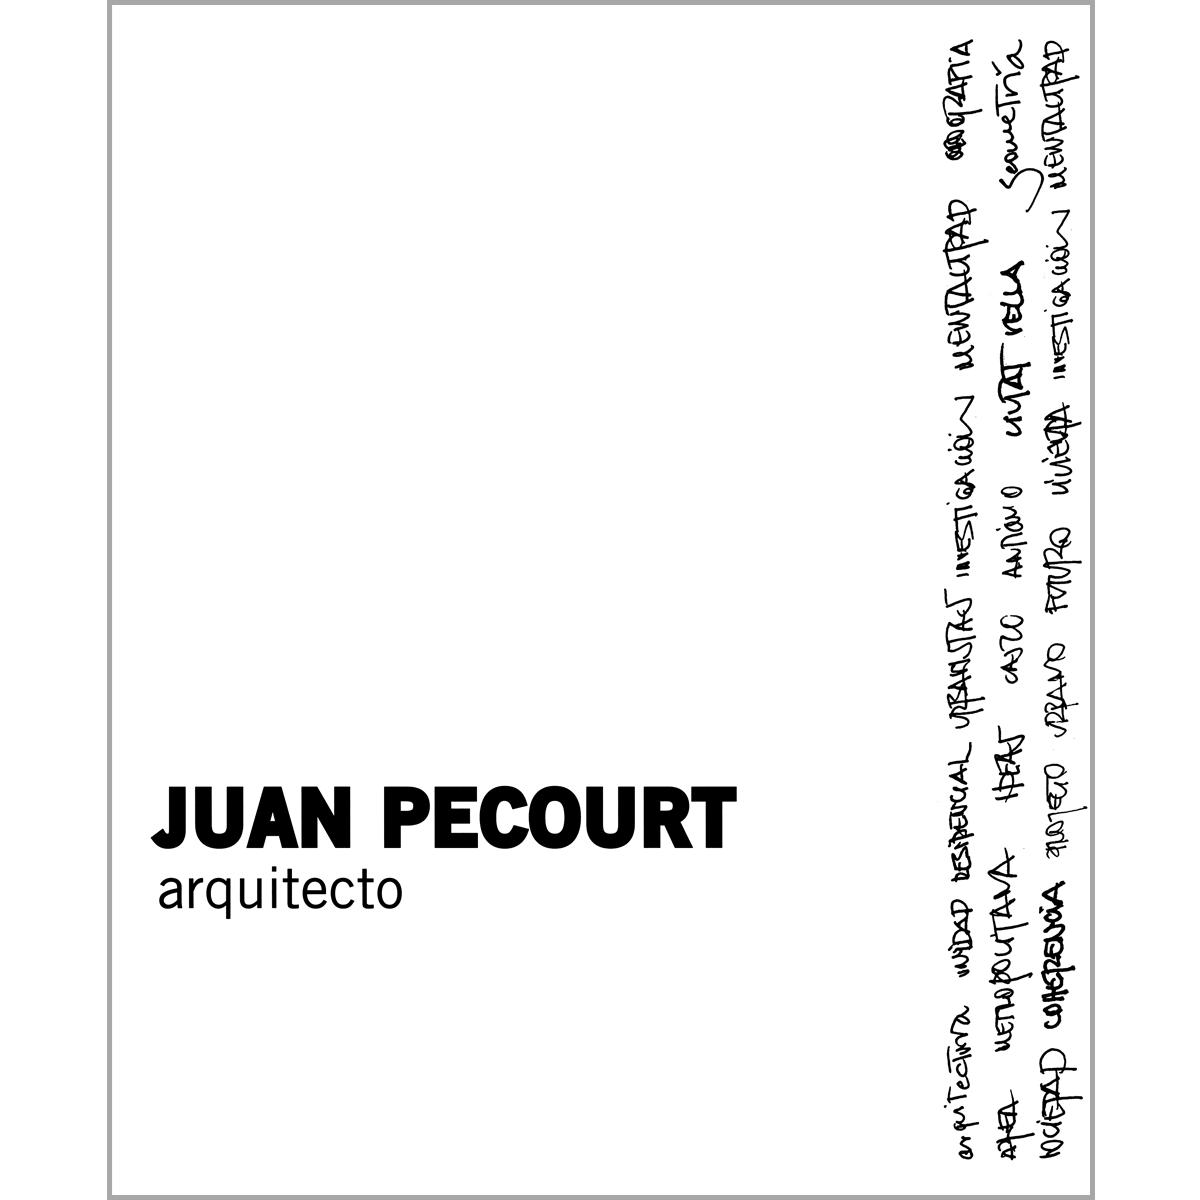 Juan Pecourt arquitecto